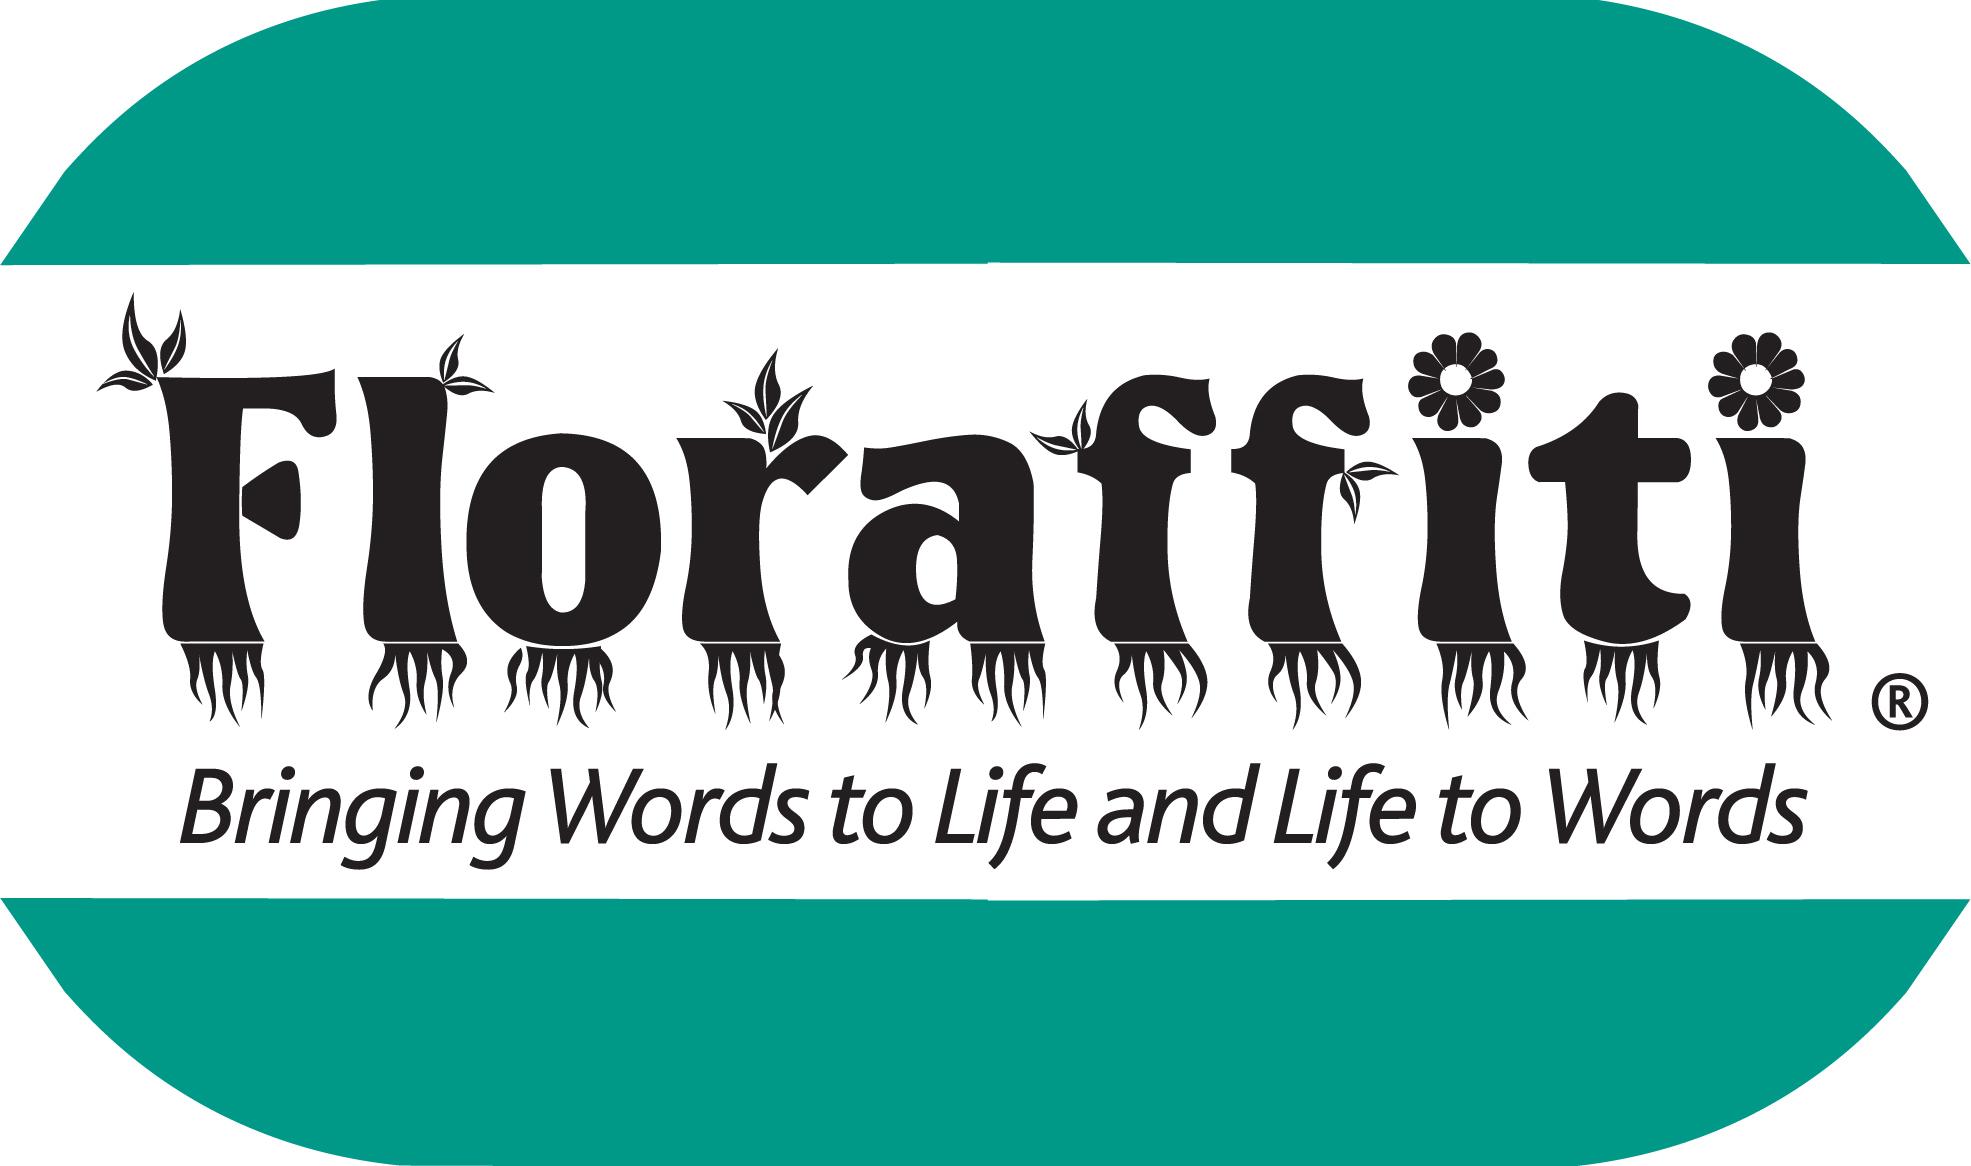 floraffiti_logo.jpg